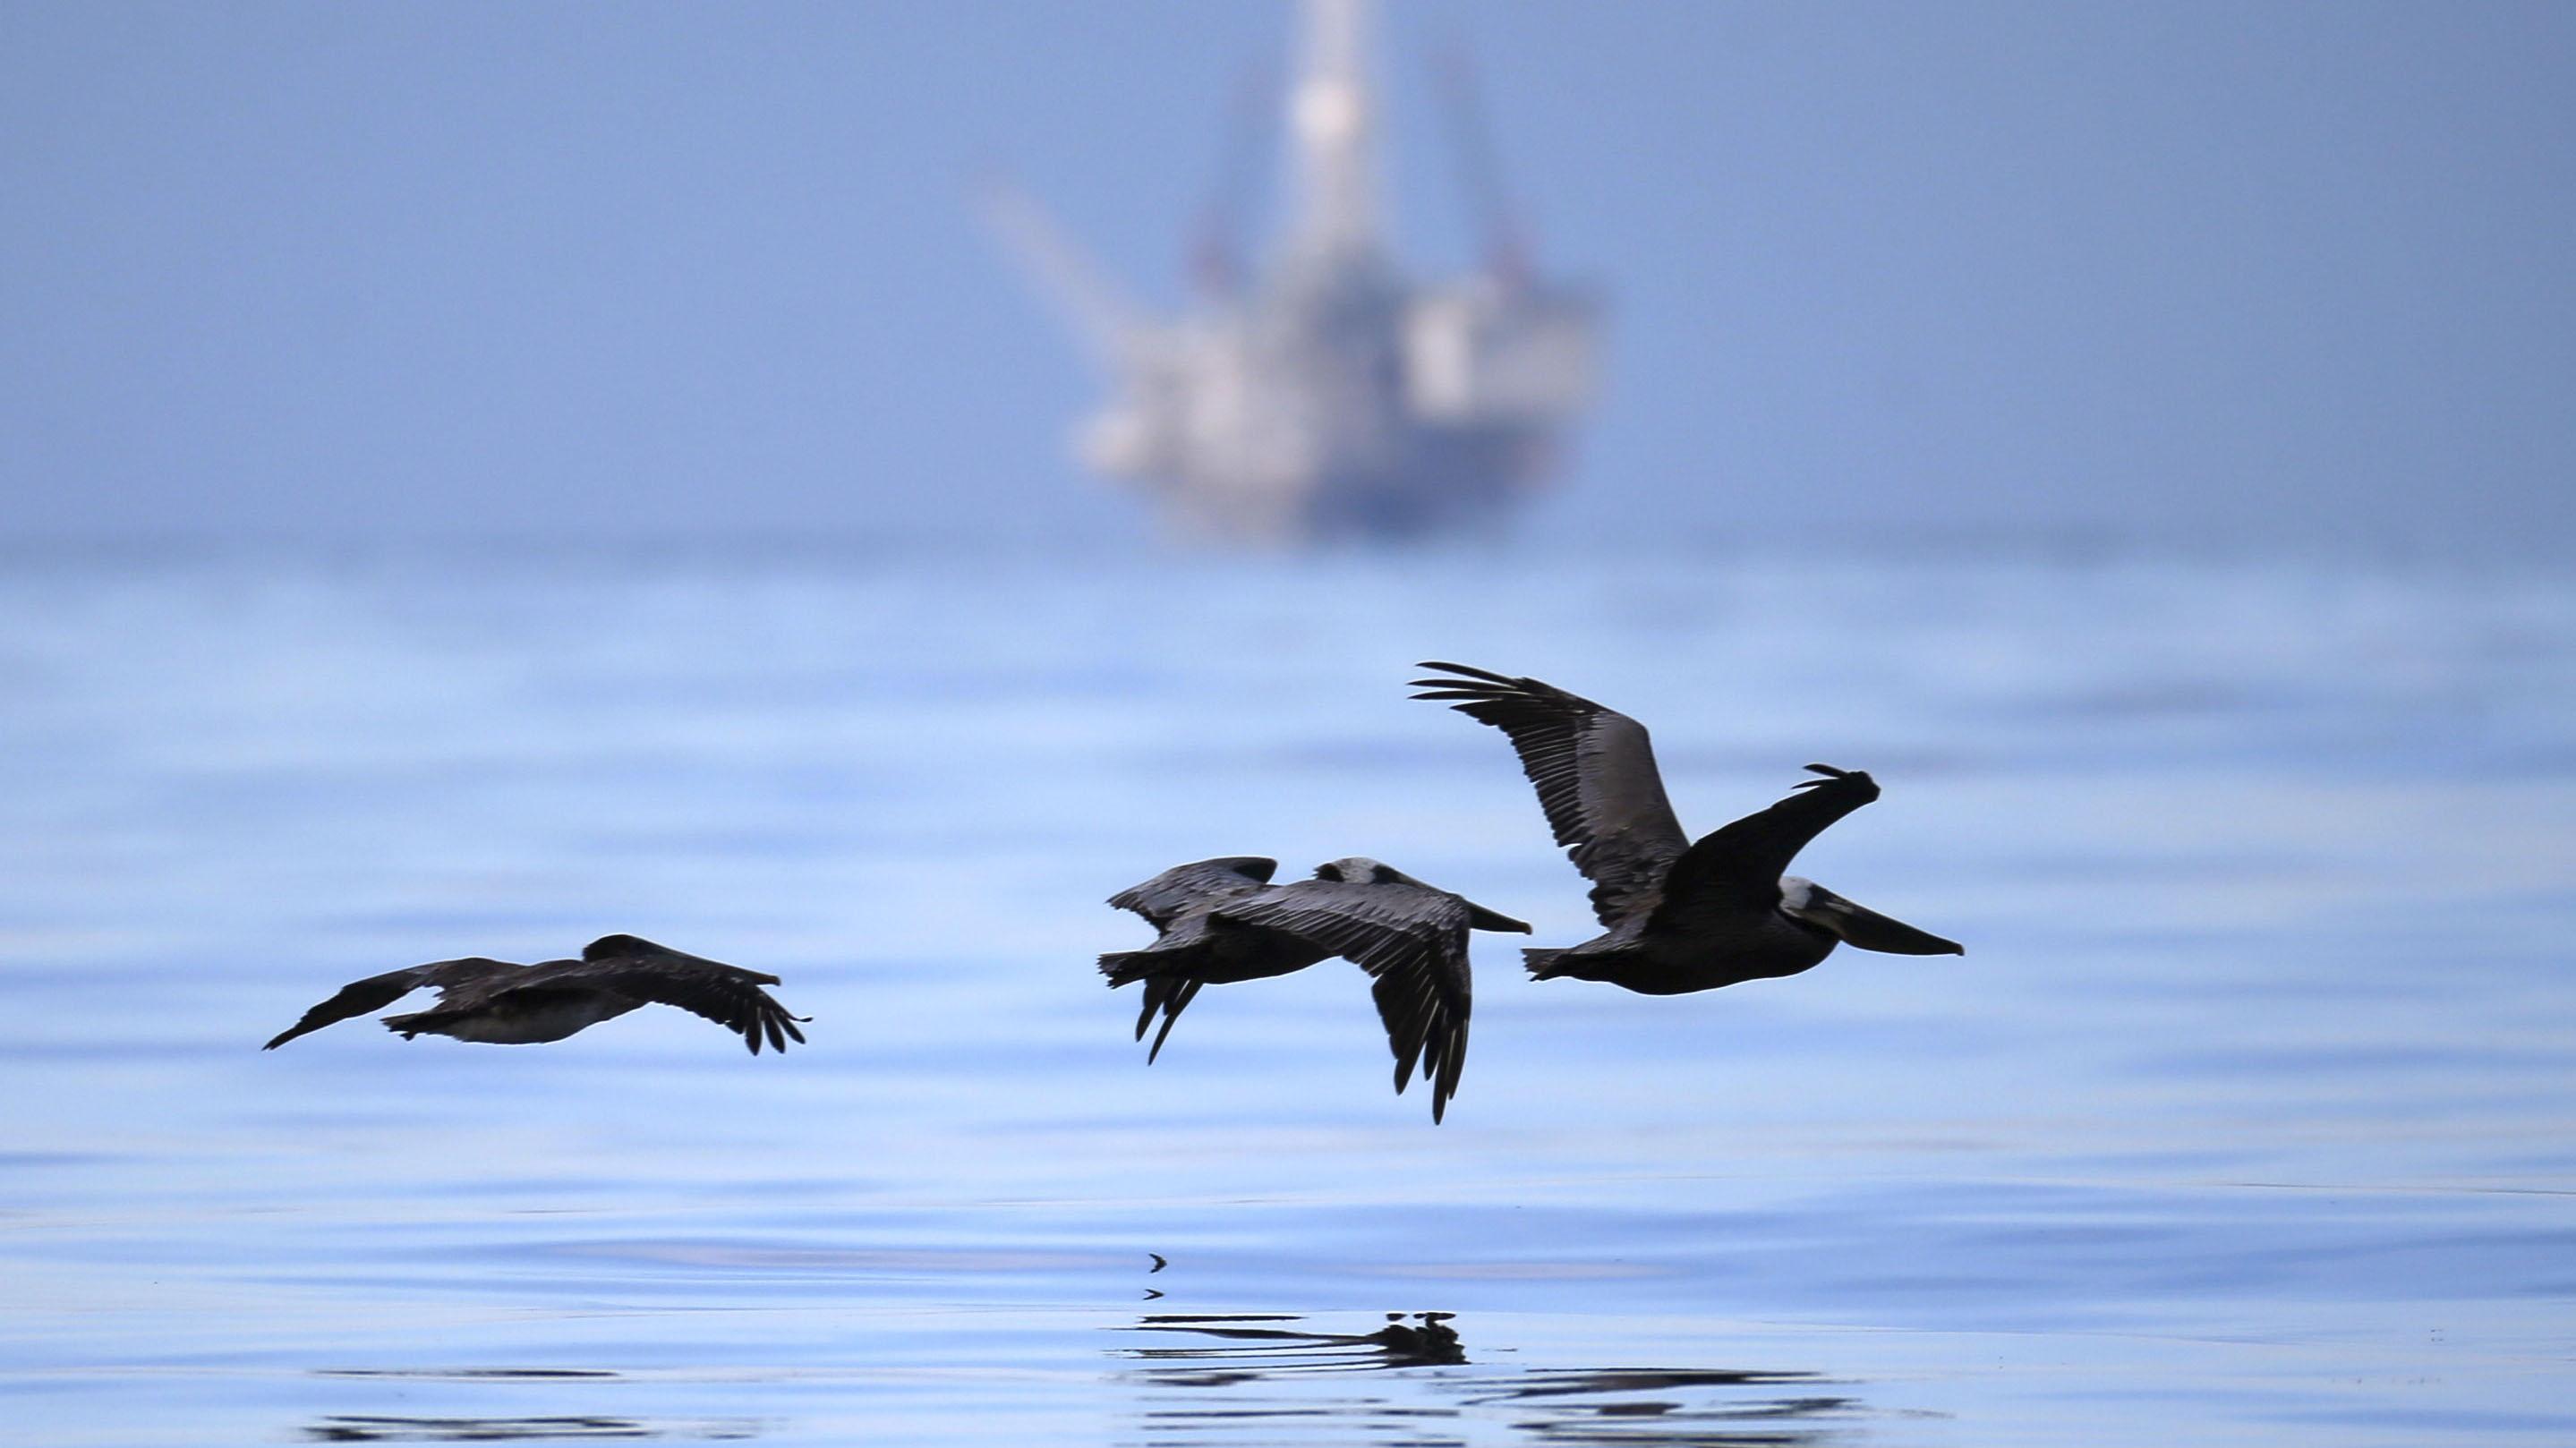 北極地區一但發生油污染事件,環境生態壓力遠大於其他地區。(路透社)